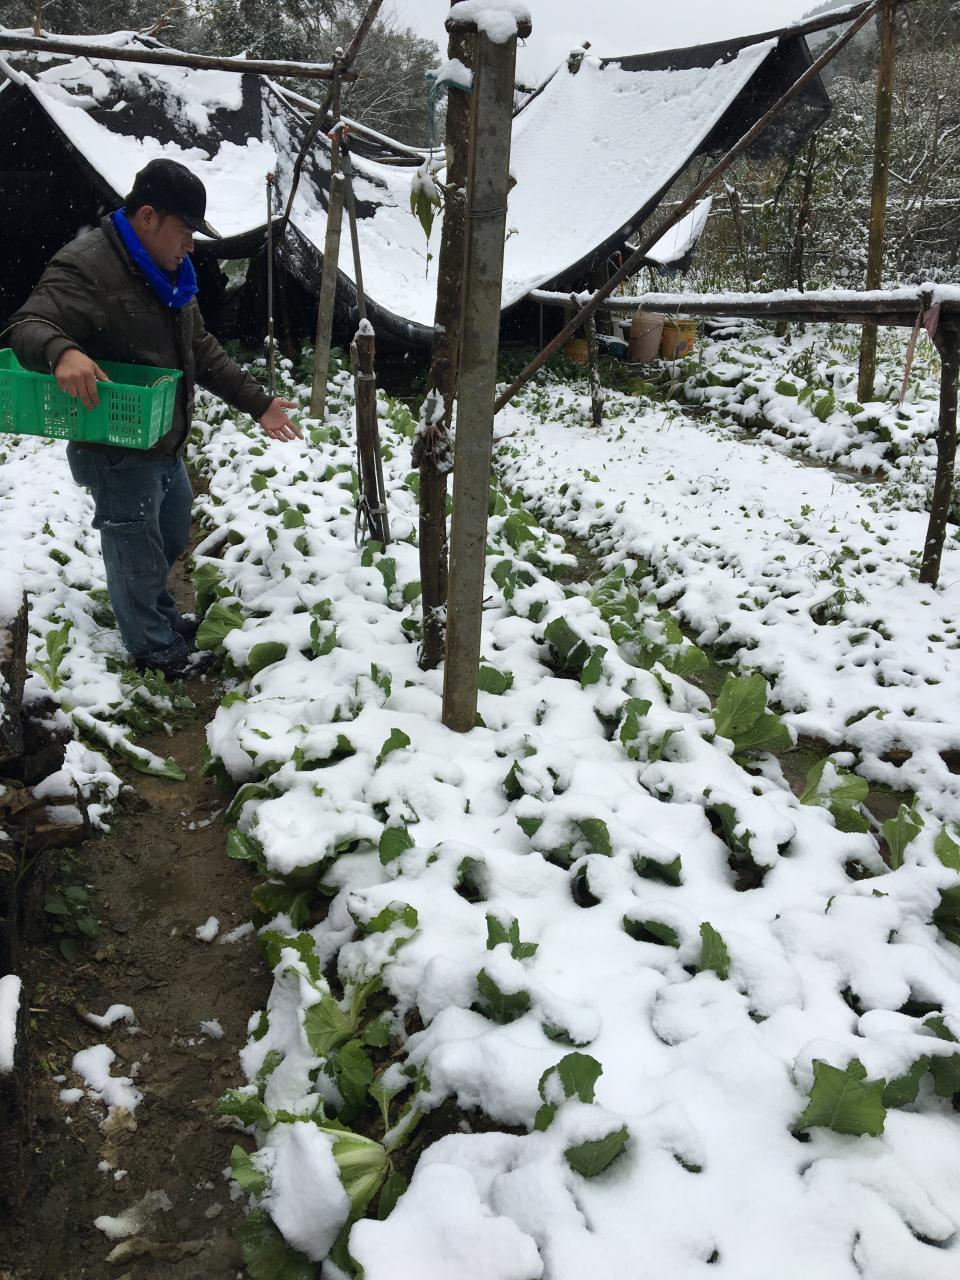 去年一月霸王級寒流來襲,海拔僅七百多公尺的苗栗向天湖南庄栽種的高冷蔬菜如高麗菜、大白菜等都覆蓋一層白雪,重創台灣農業。本報資料照片